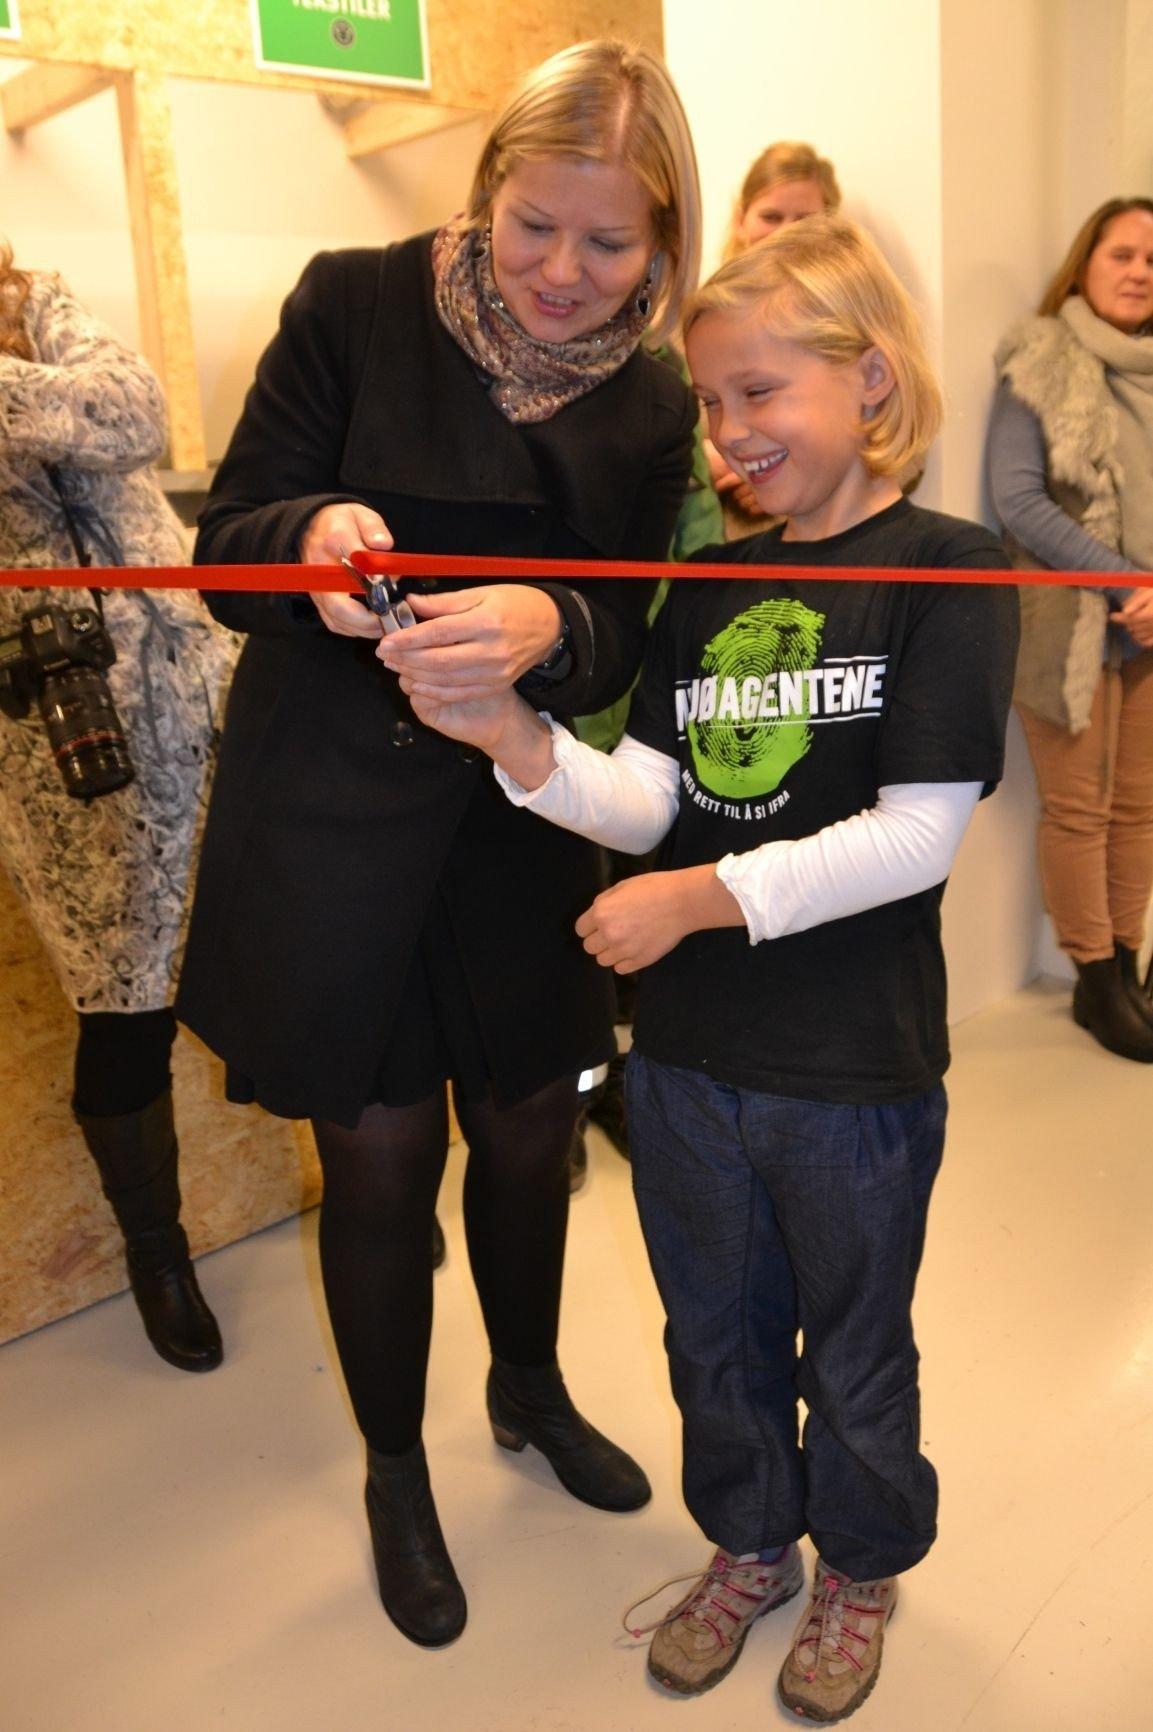 Byråd Guri Melby deler saksen med miljøagent Oda Husby (8), da hun åpnet minigjenbruksstasjon på Løren i går.